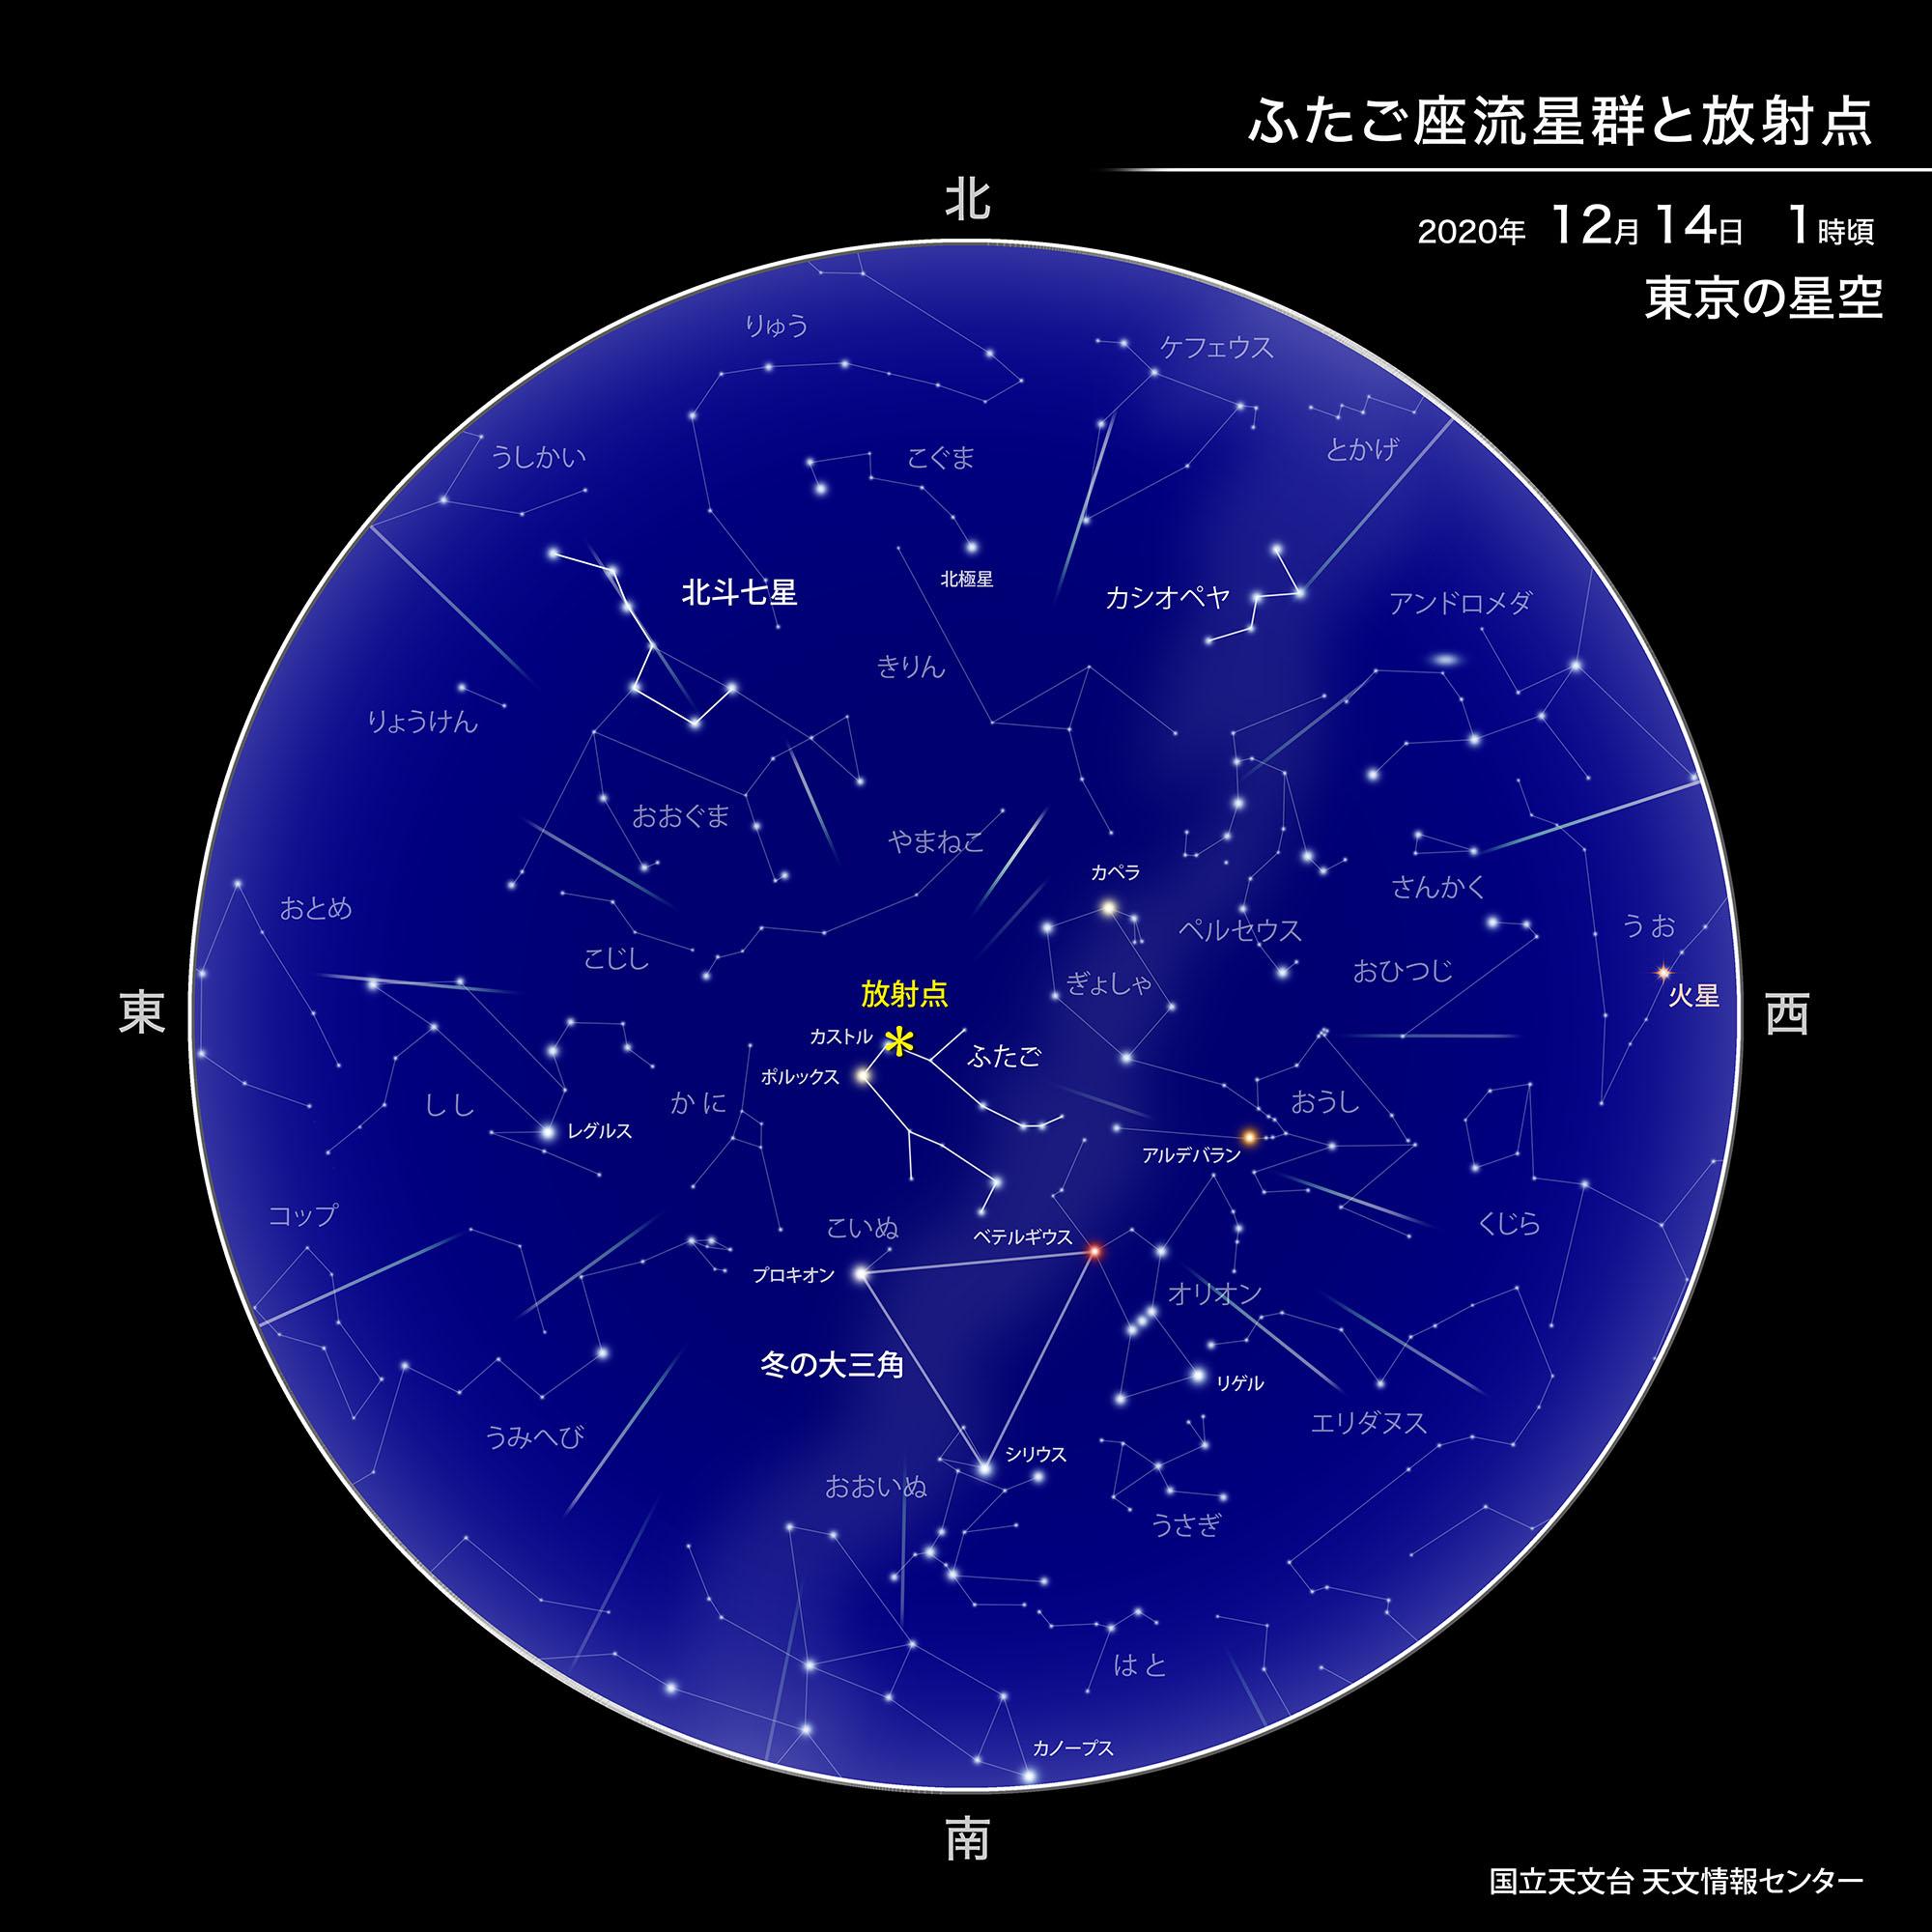 ふたご座流星群が極大(2020年12月) | 国立天文台(NAOJ)